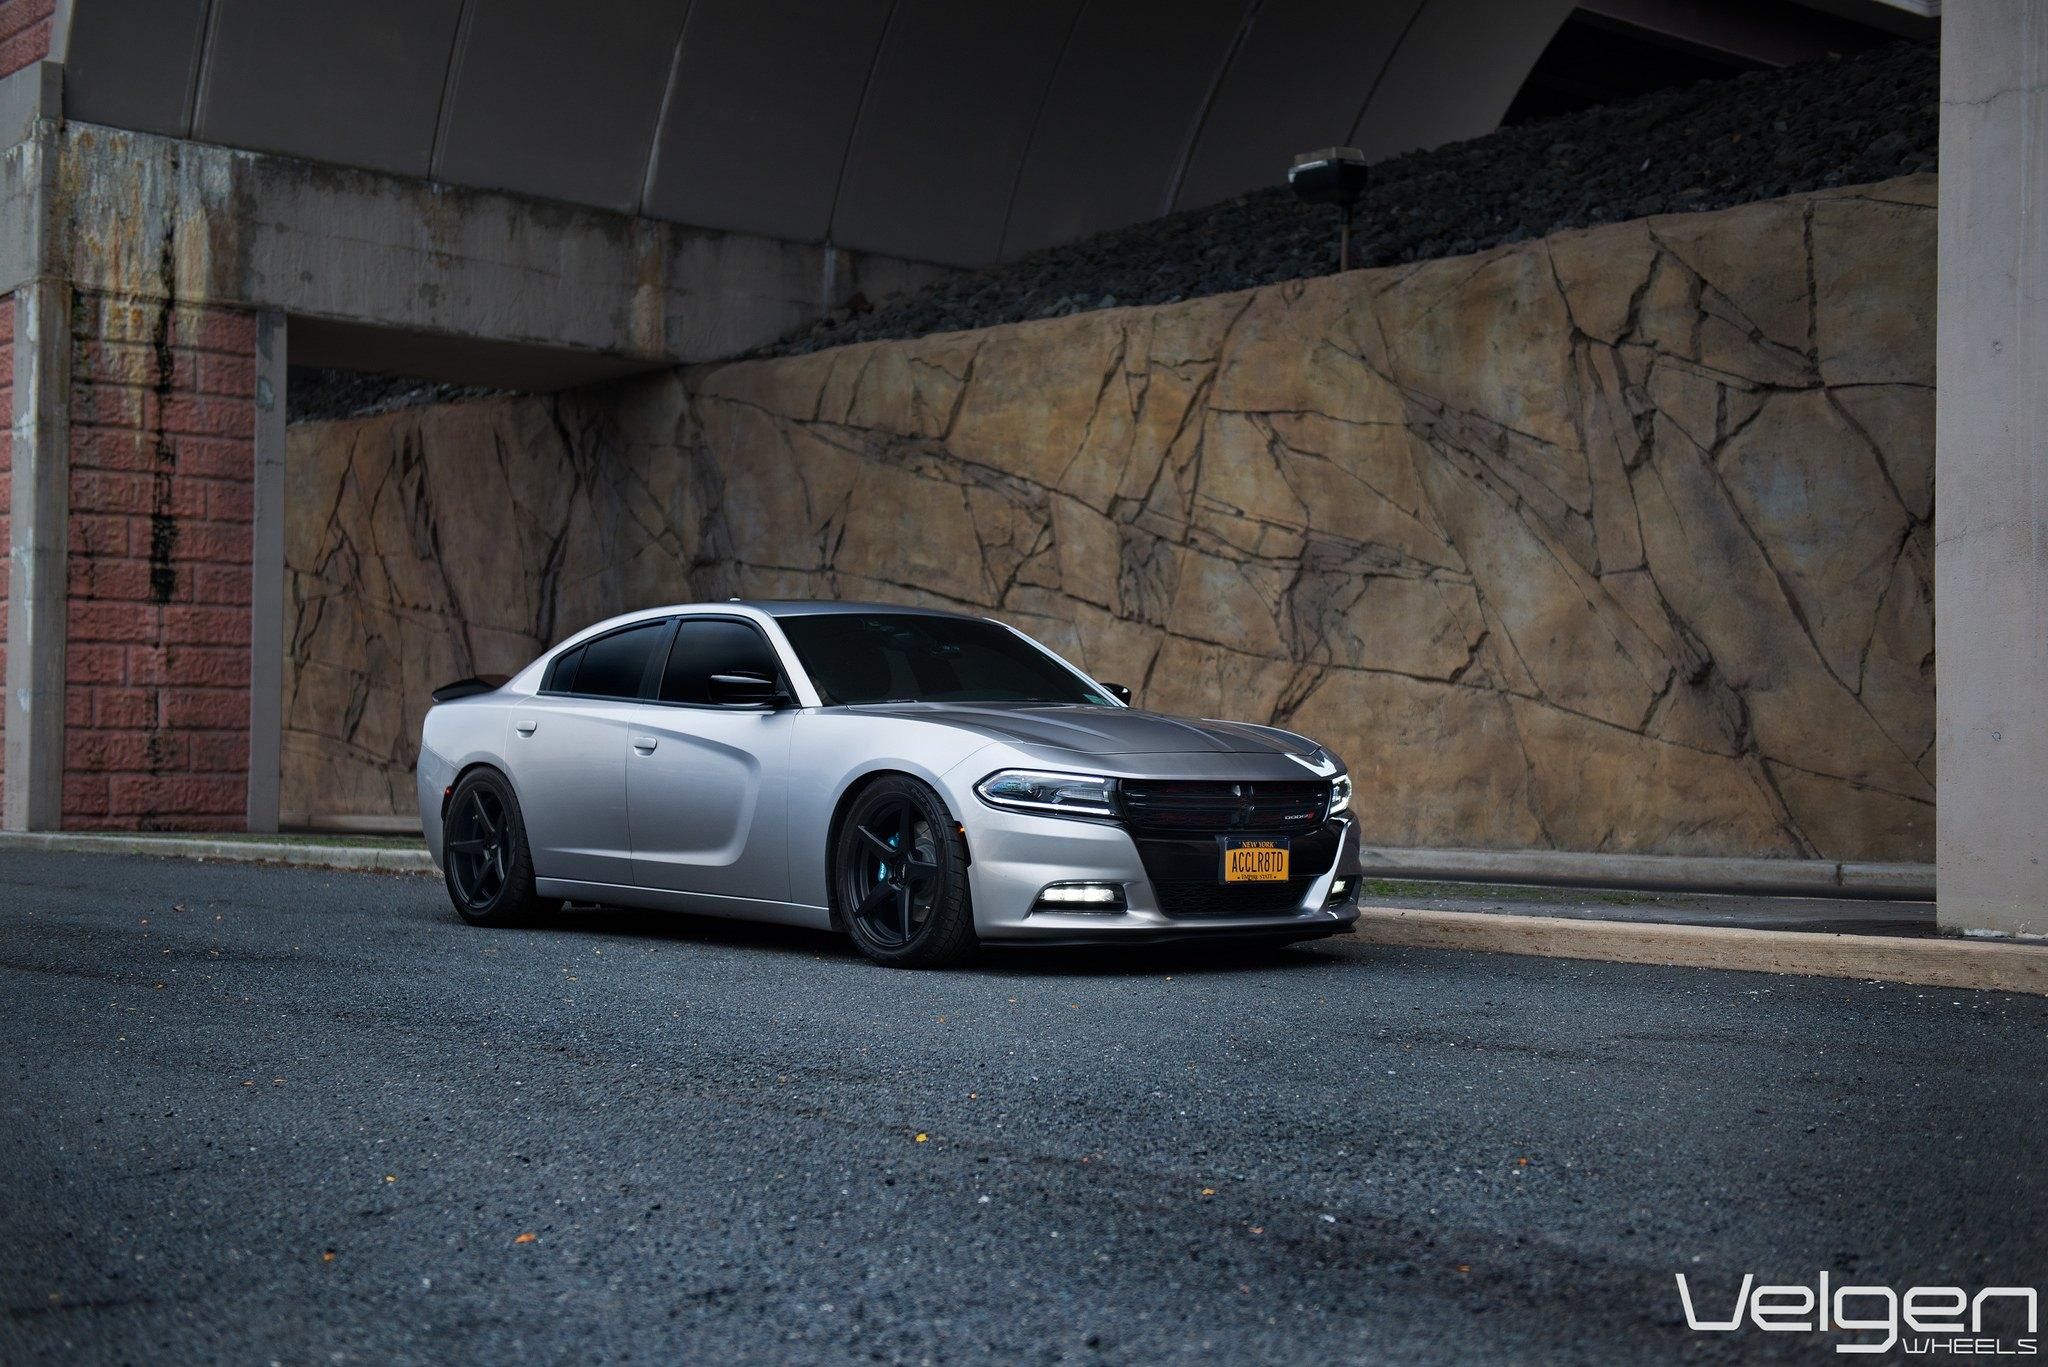 Silver Bullet Dodge Charger Shod in Matte Black Wheels — CARiD